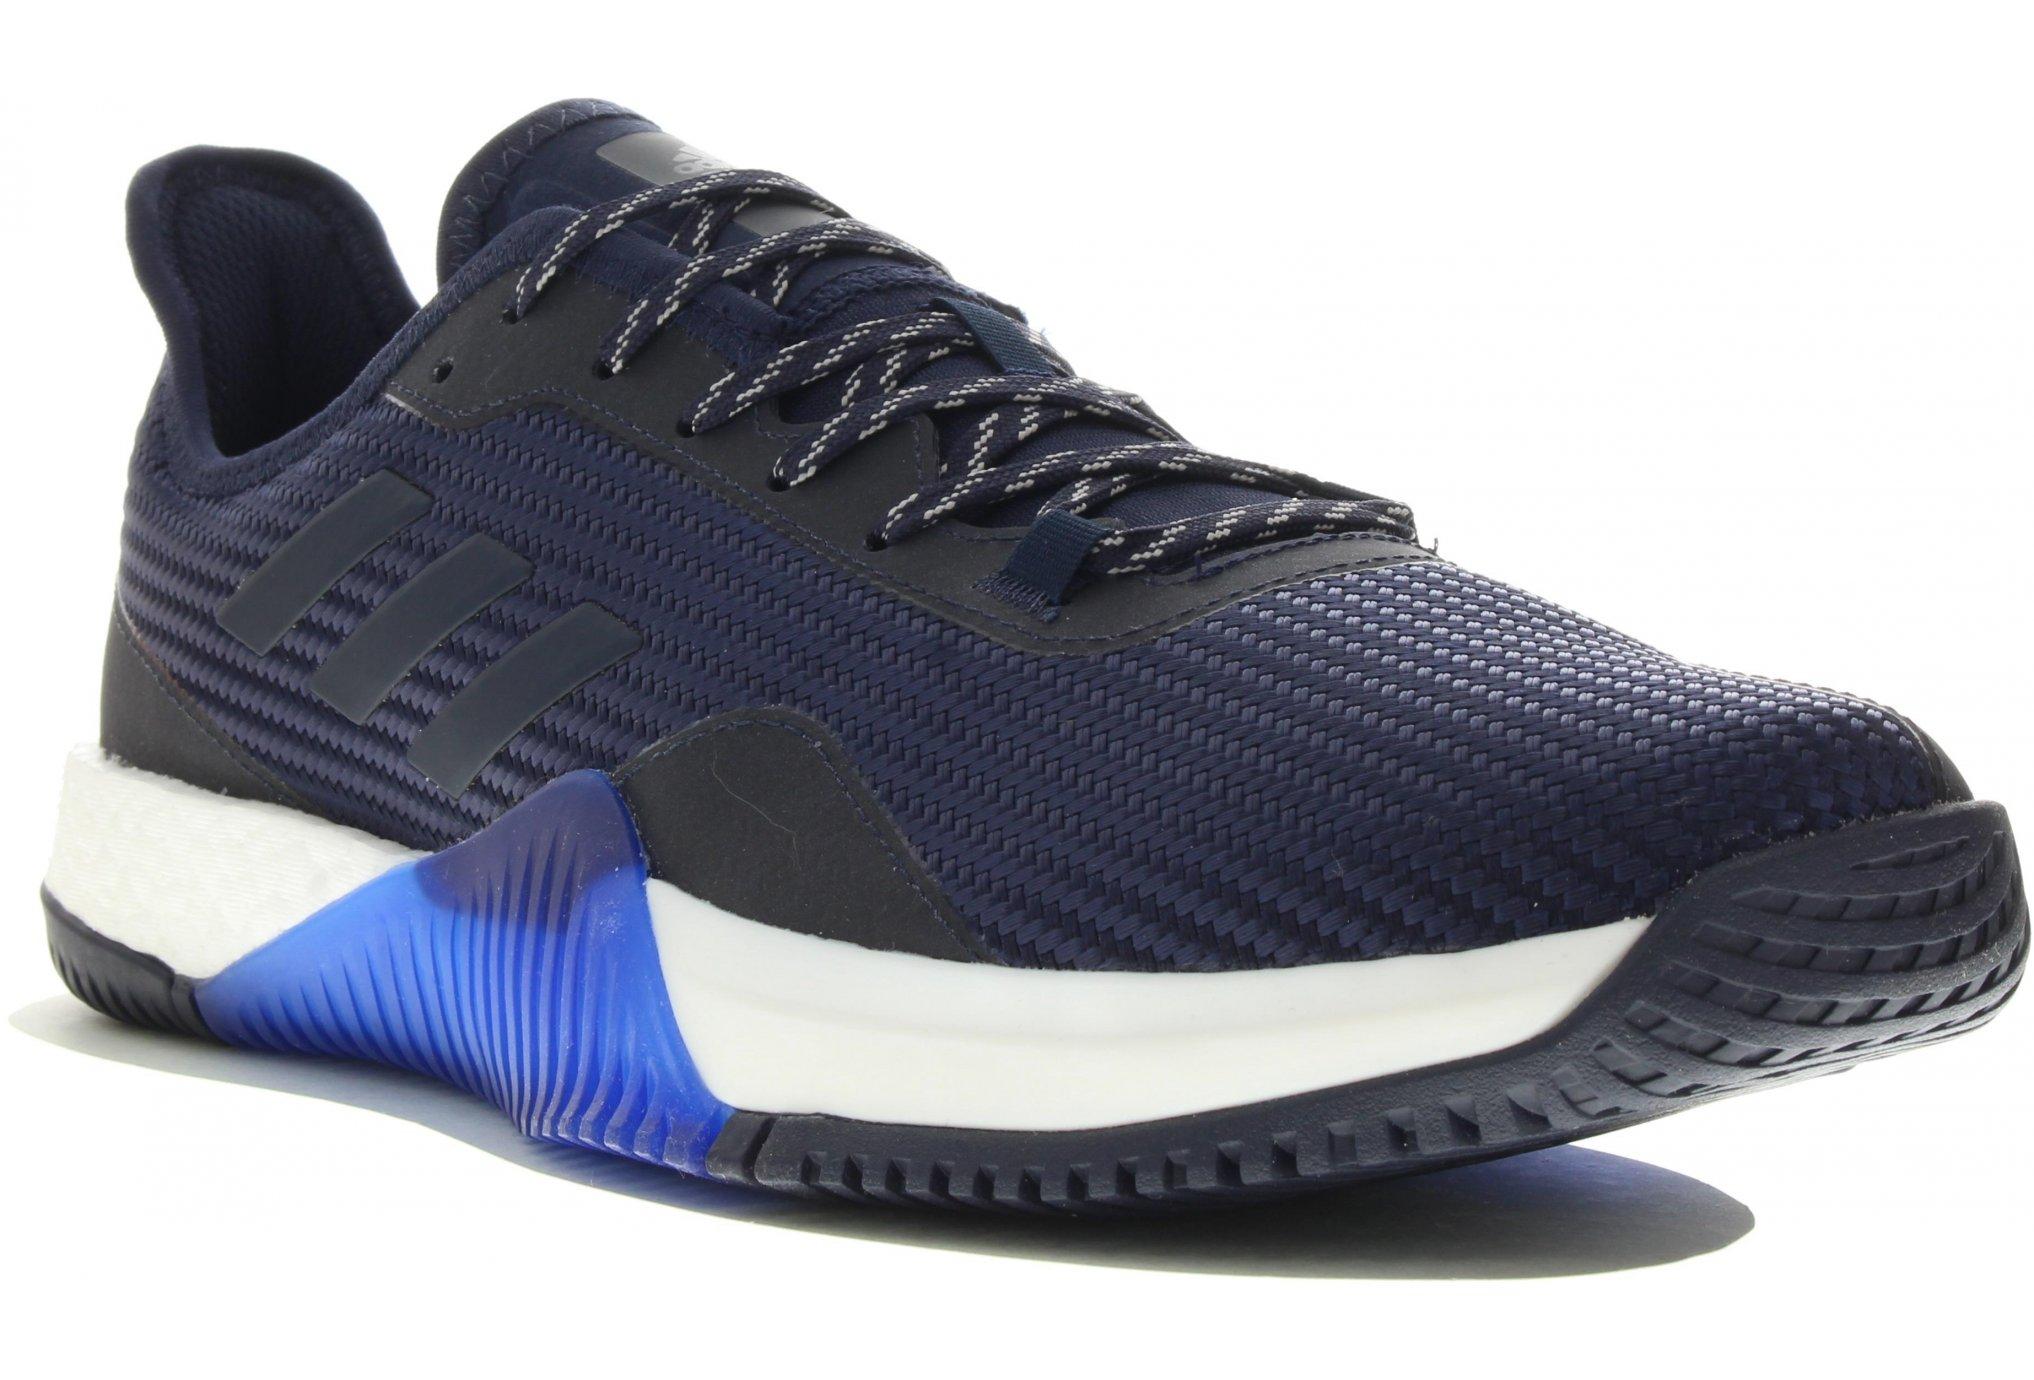 Adidas Crazytrain elite m diététique chaussures homme